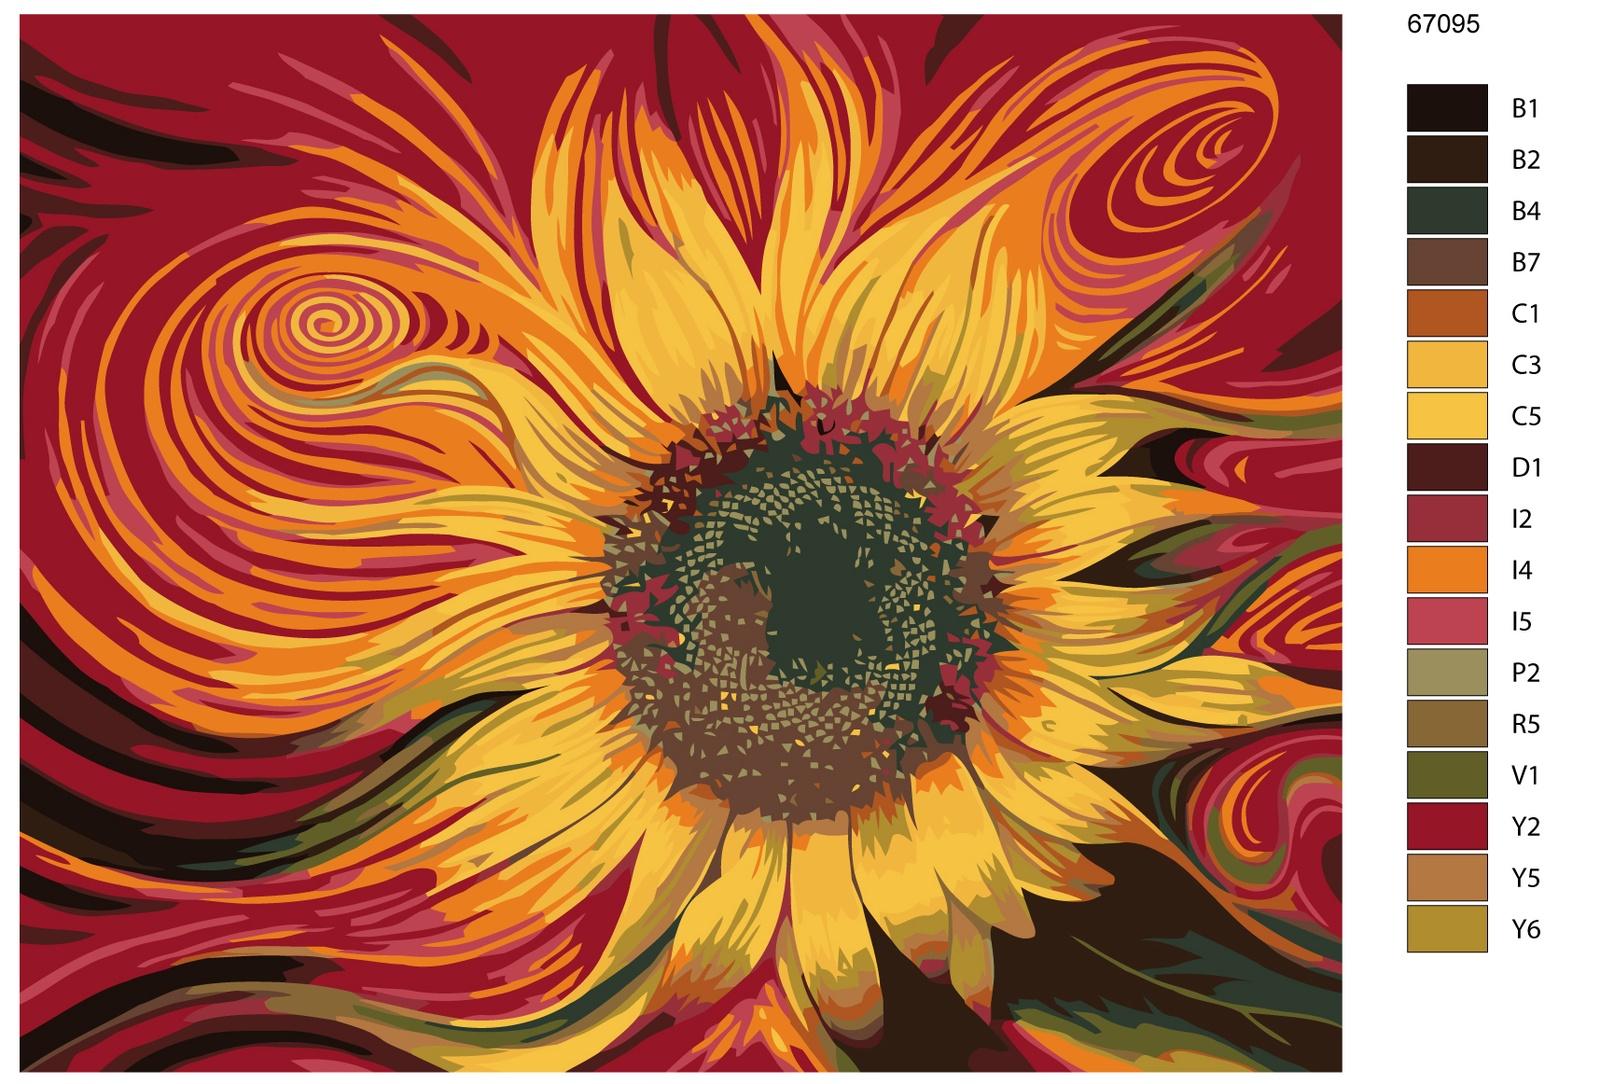 Картина по номерам, 80 x 100 см, KTMK-67095-4